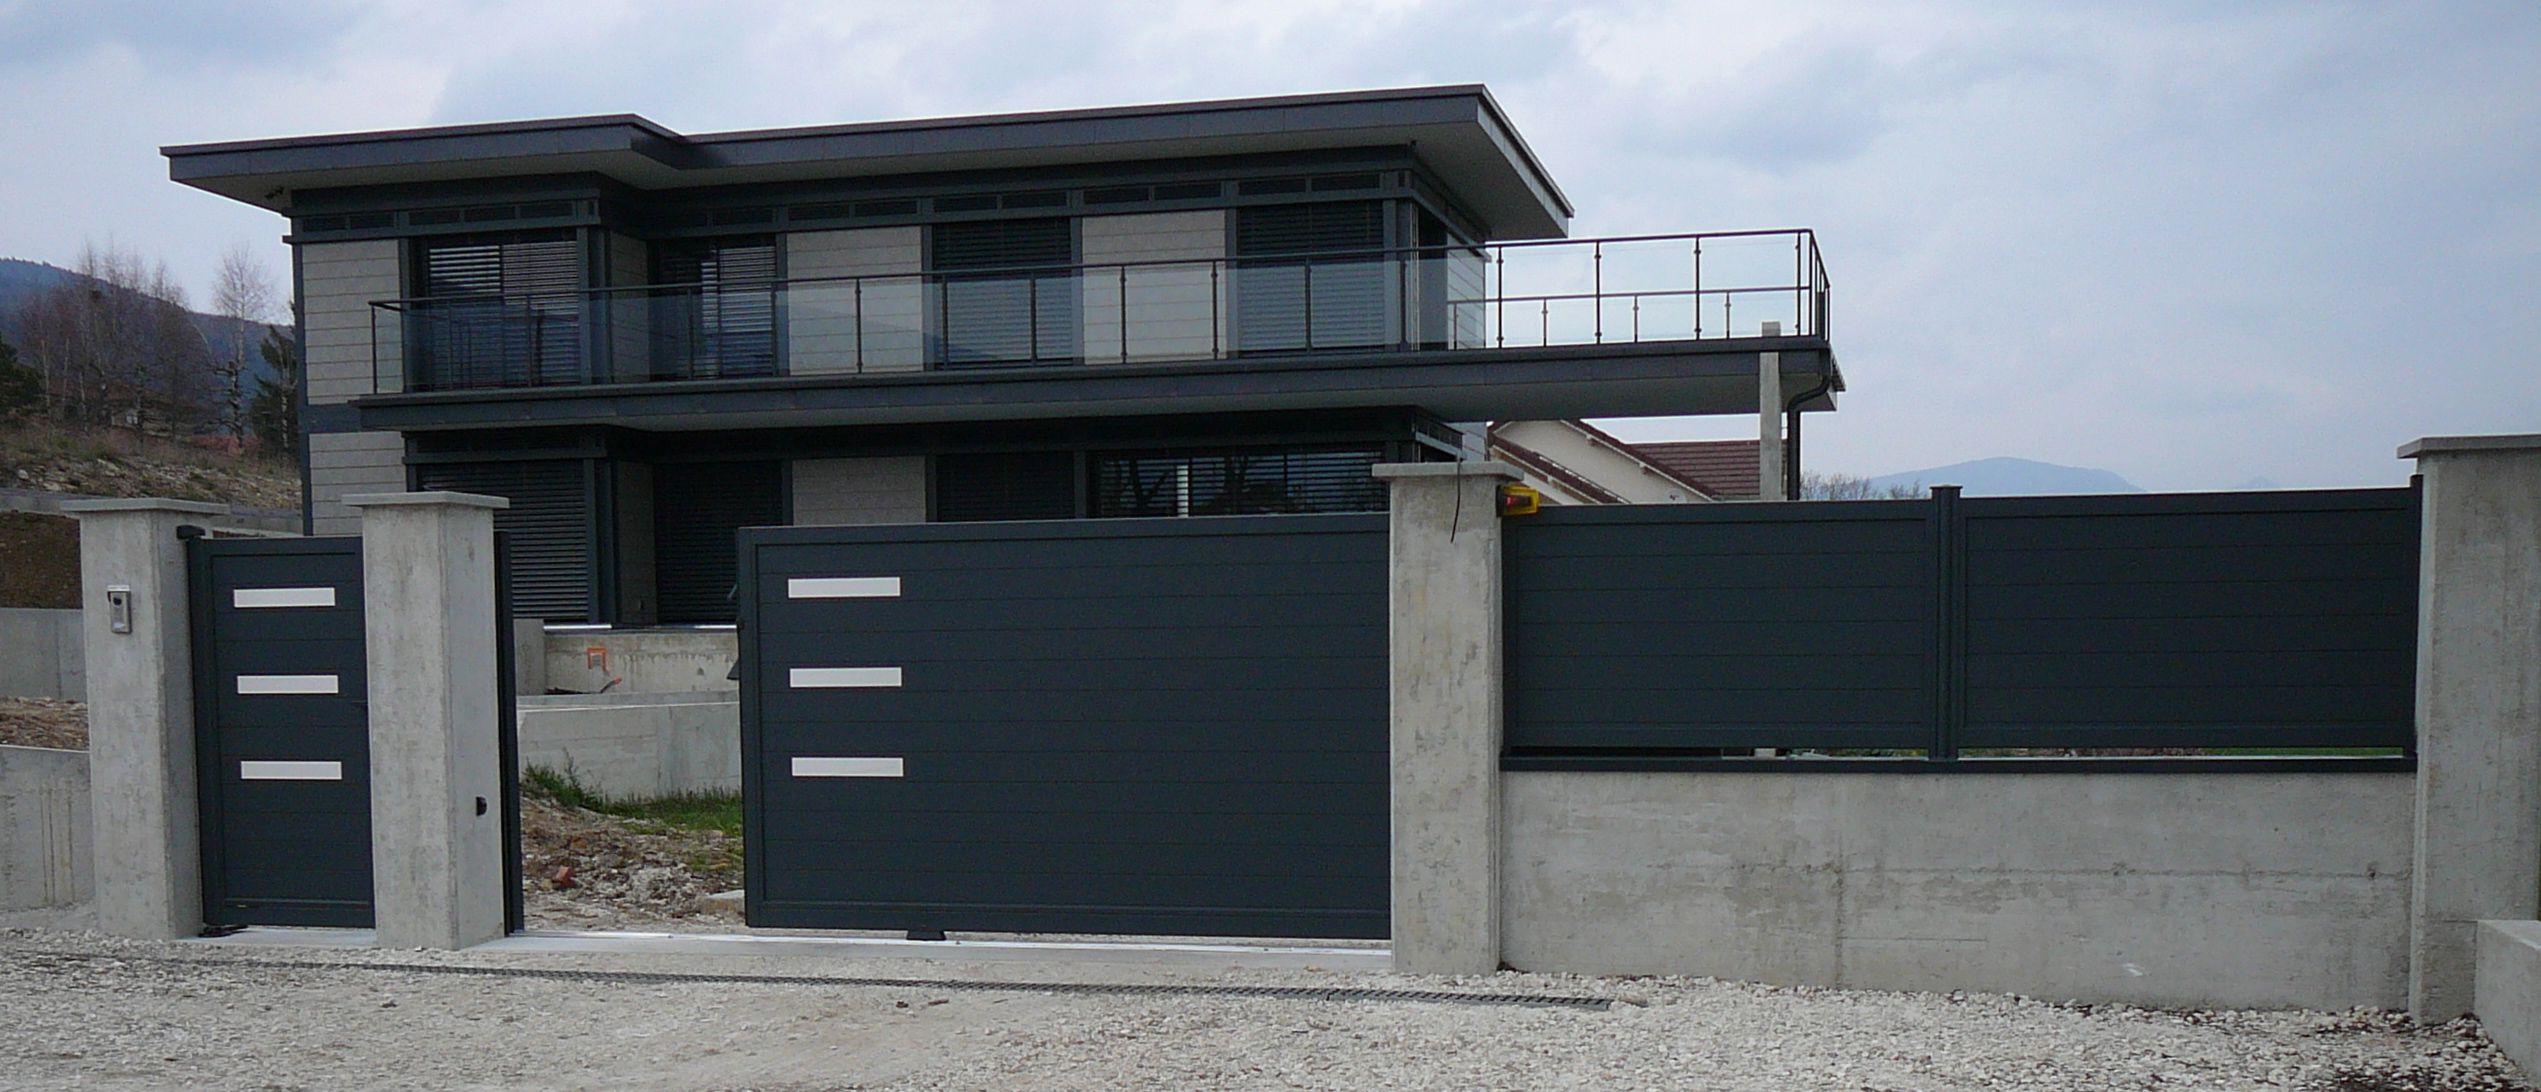 la modernit des d cors inox finition inox bross en parfait accord avec cette maison en. Black Bedroom Furniture Sets. Home Design Ideas